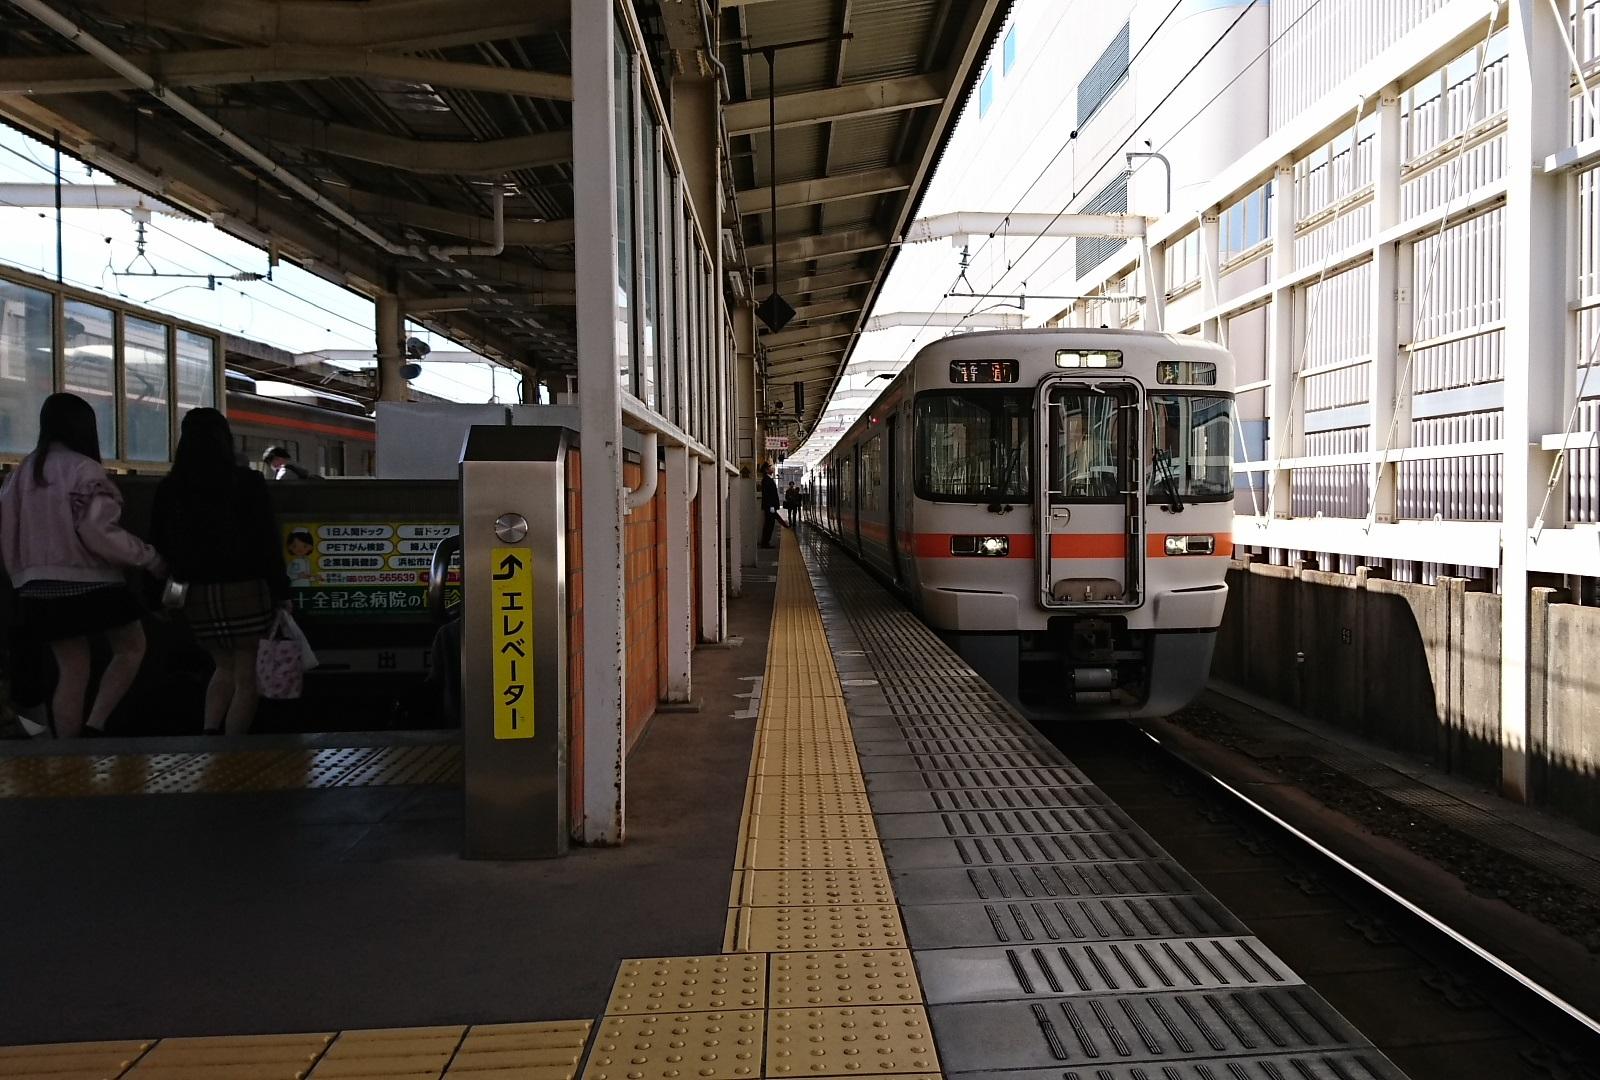 2018.3.23 東海道線 (60) 浜松 - 掛川いきふつう 1600-1080